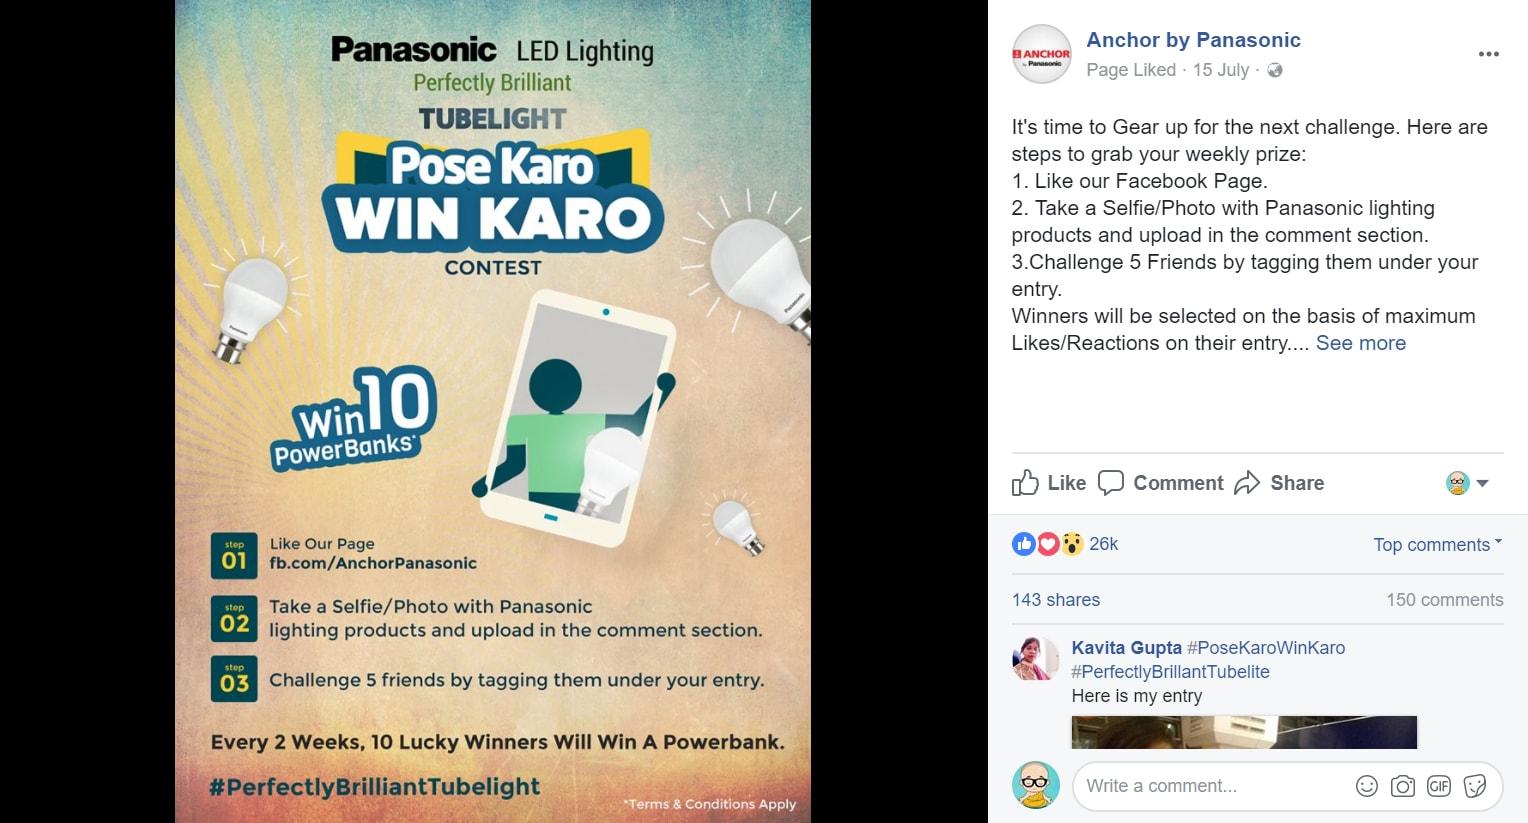 anchor posekarowinkaro week3 panasonic casestudy